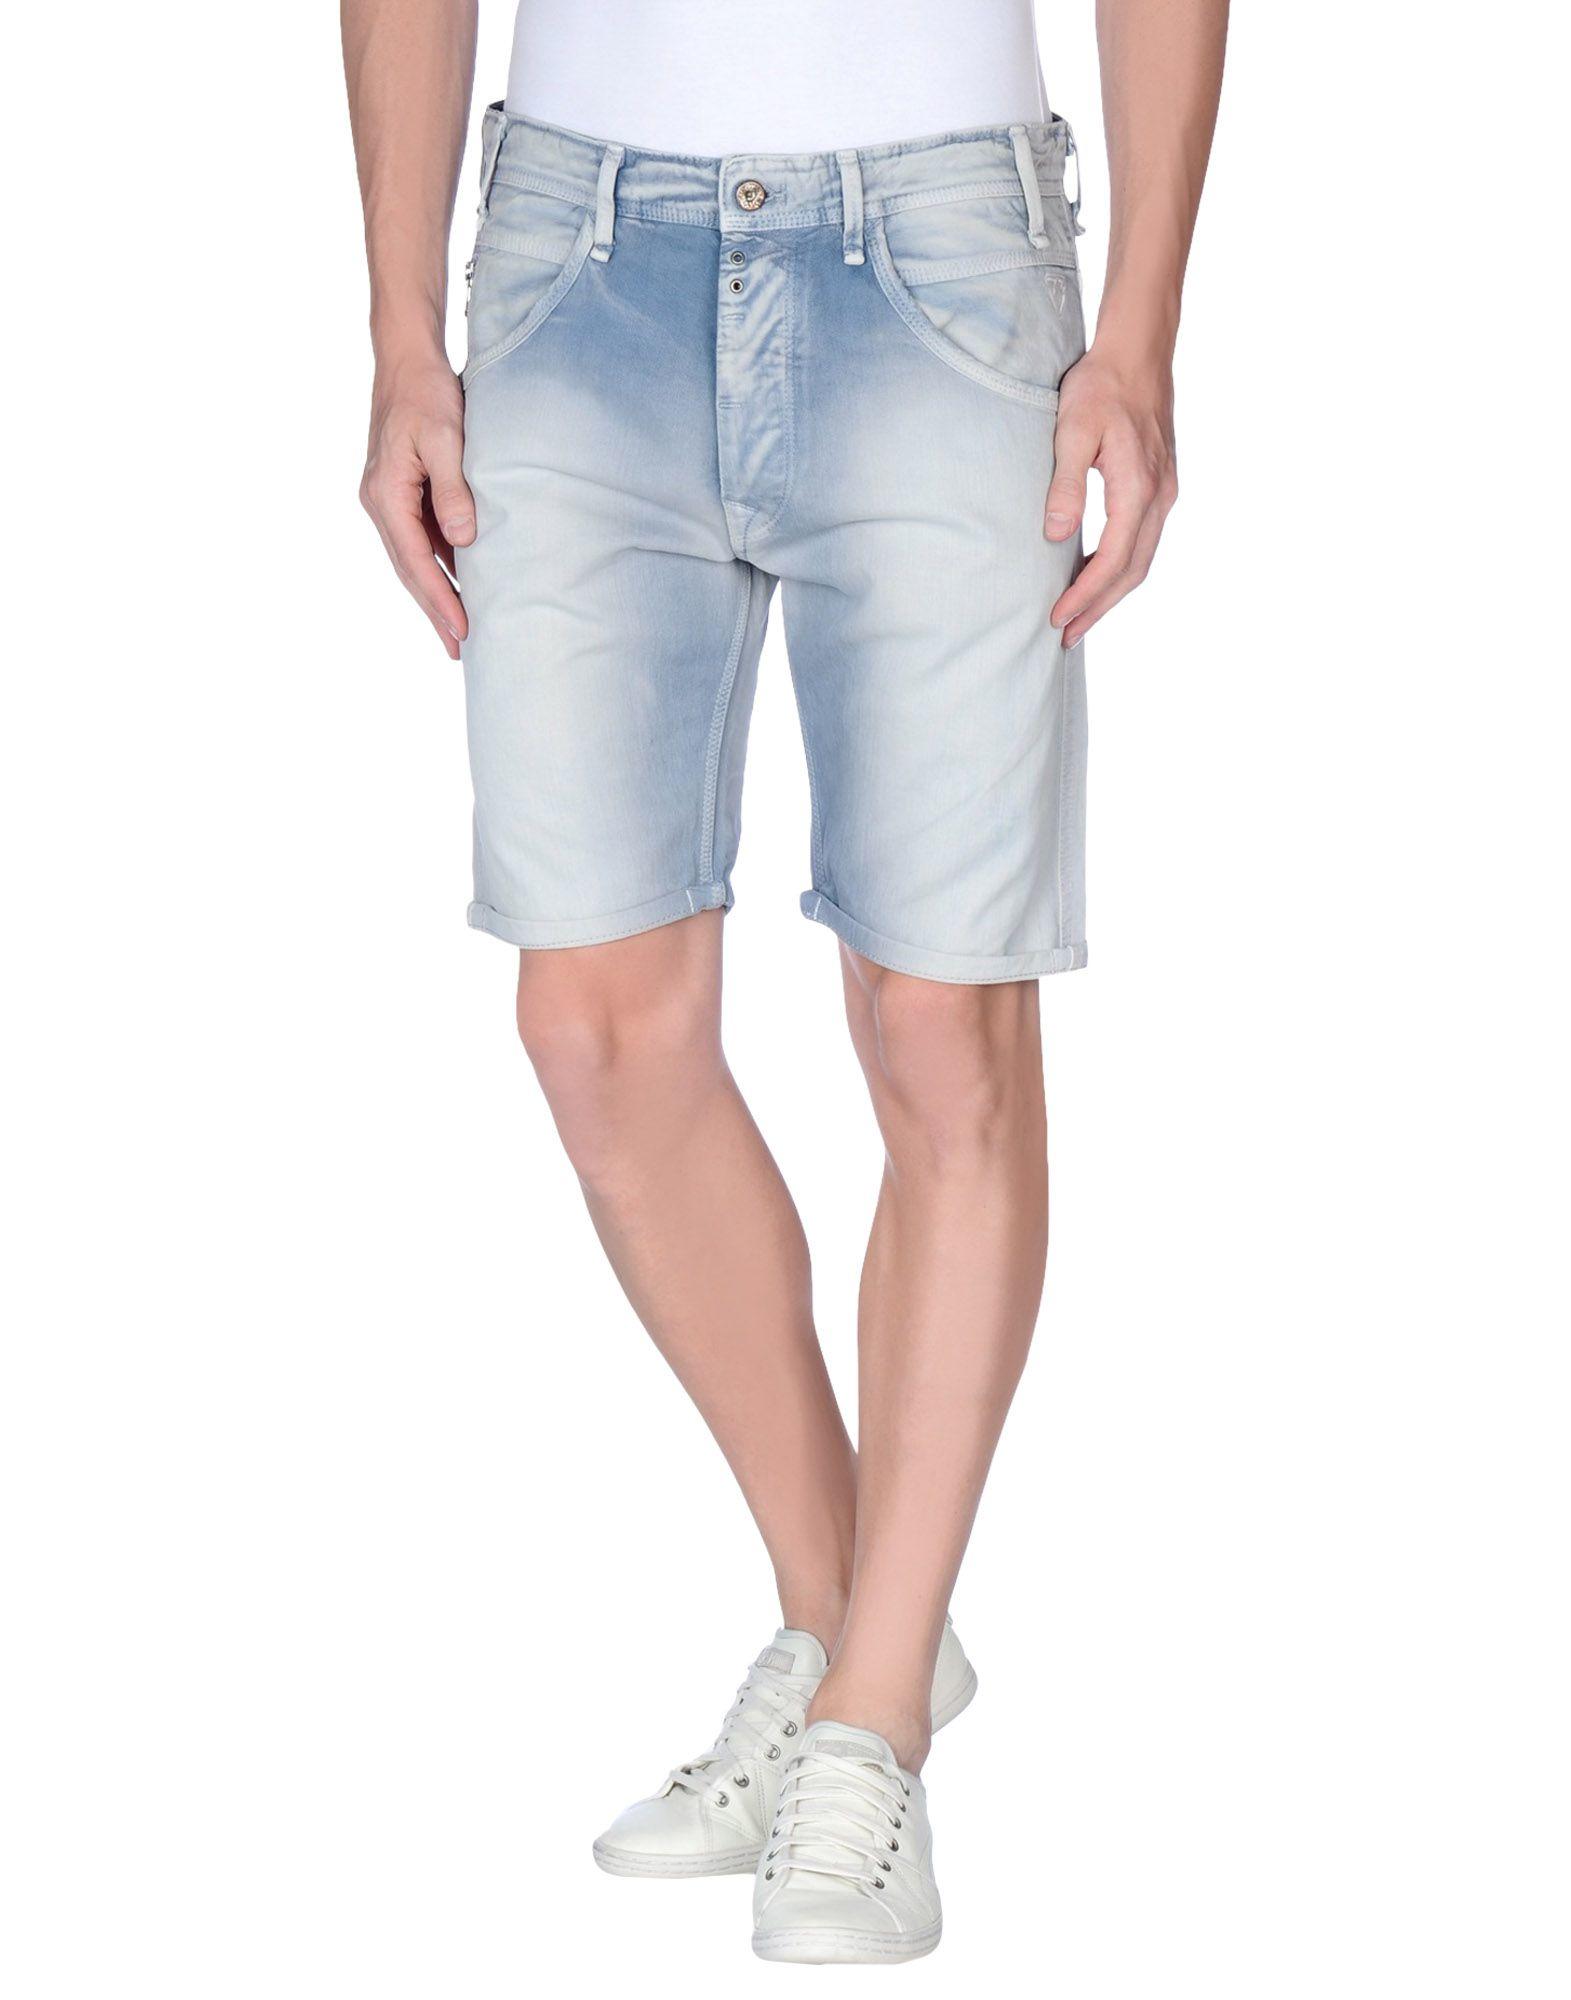 lyst pepe jeans denim bermudas in blue for men. Black Bedroom Furniture Sets. Home Design Ideas